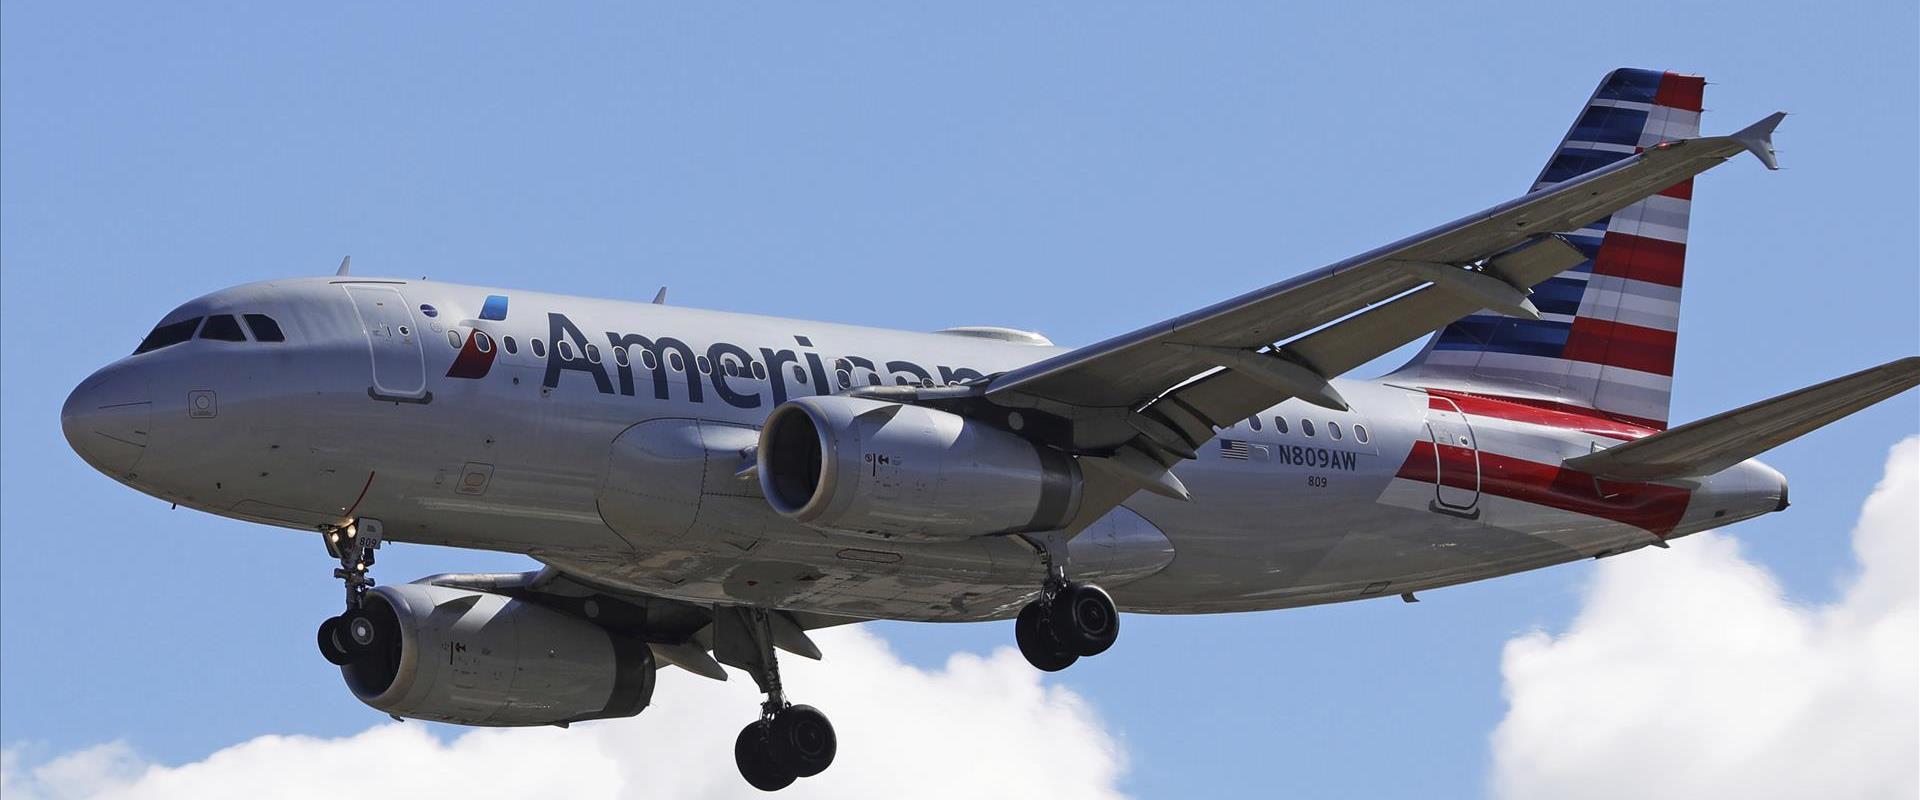 מטוס של חברת התעופה אמריקן איירליינס